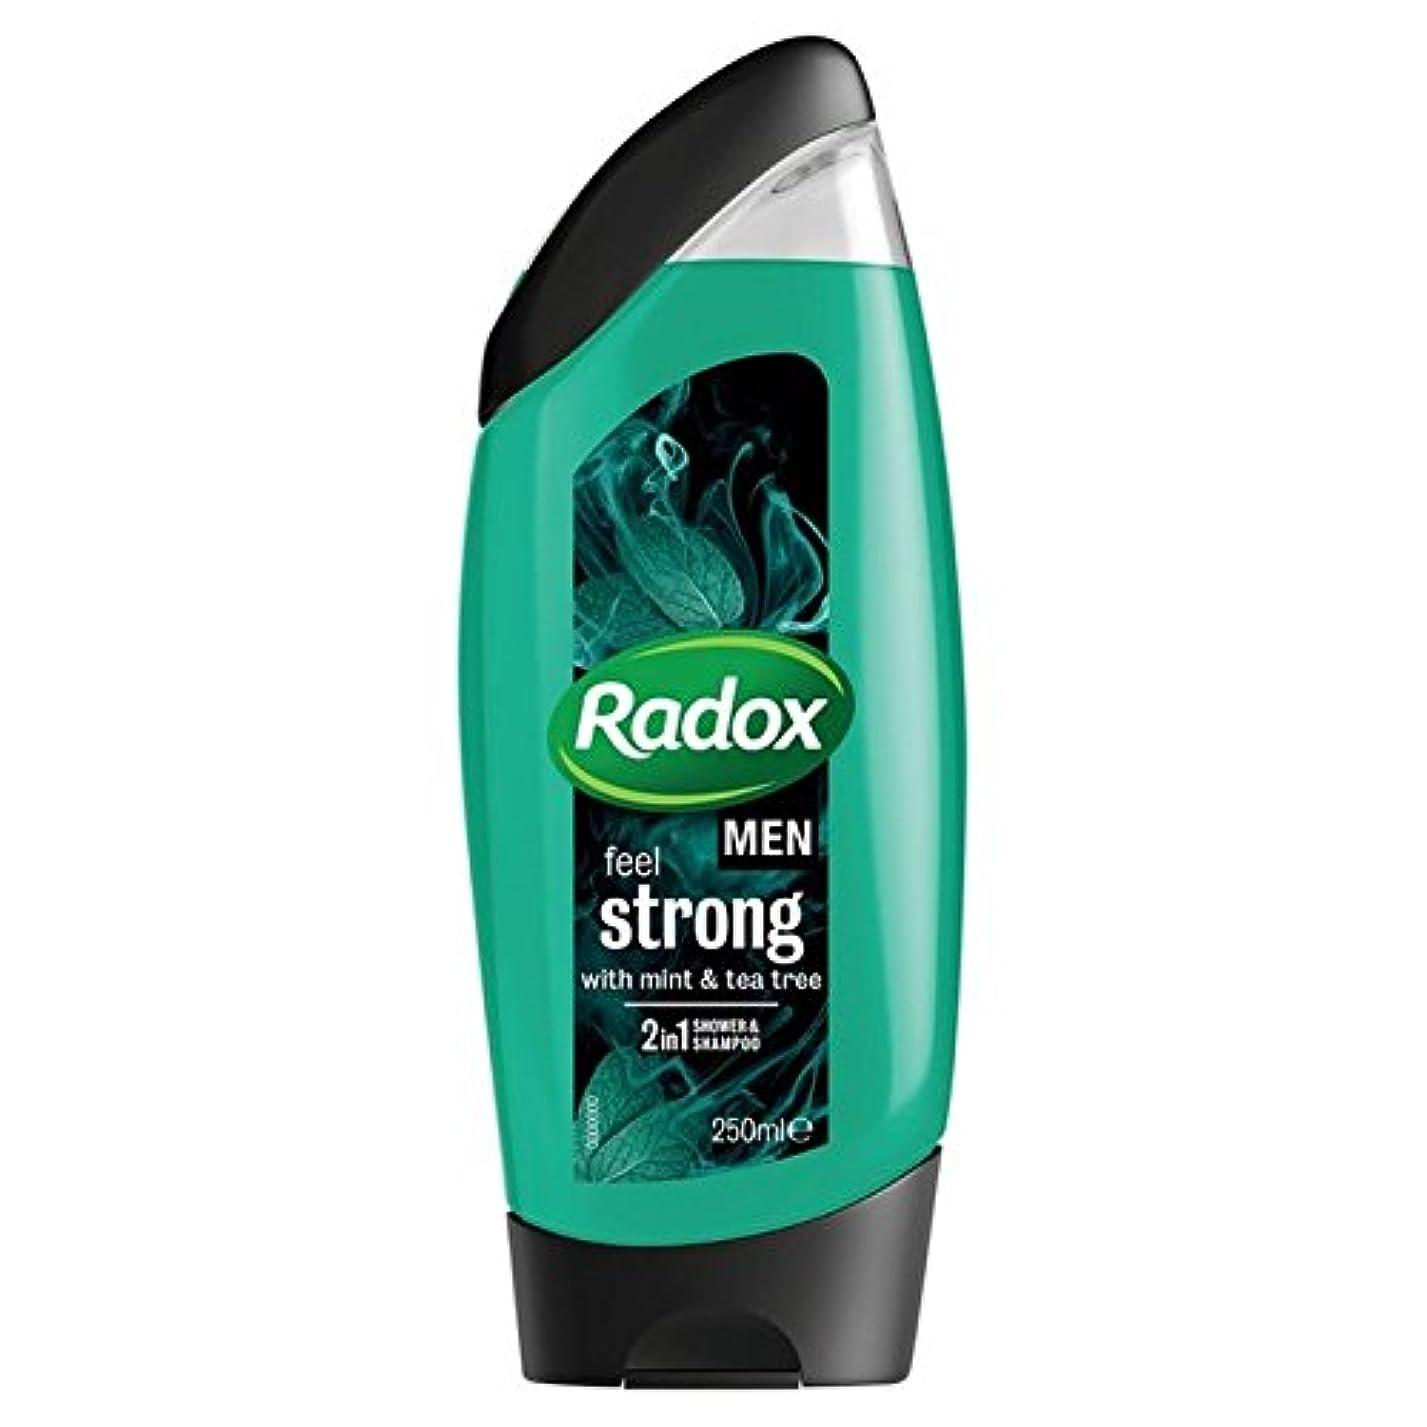 レジデンスデータベース植物学者Radox Men Feel Strong Mint & Tea Tree 2in1 Shower Gel 250ml - 男性は、強力なミント&ティーツリーの21のシャワージェル250ミリリットルを感じます [並行輸入品]